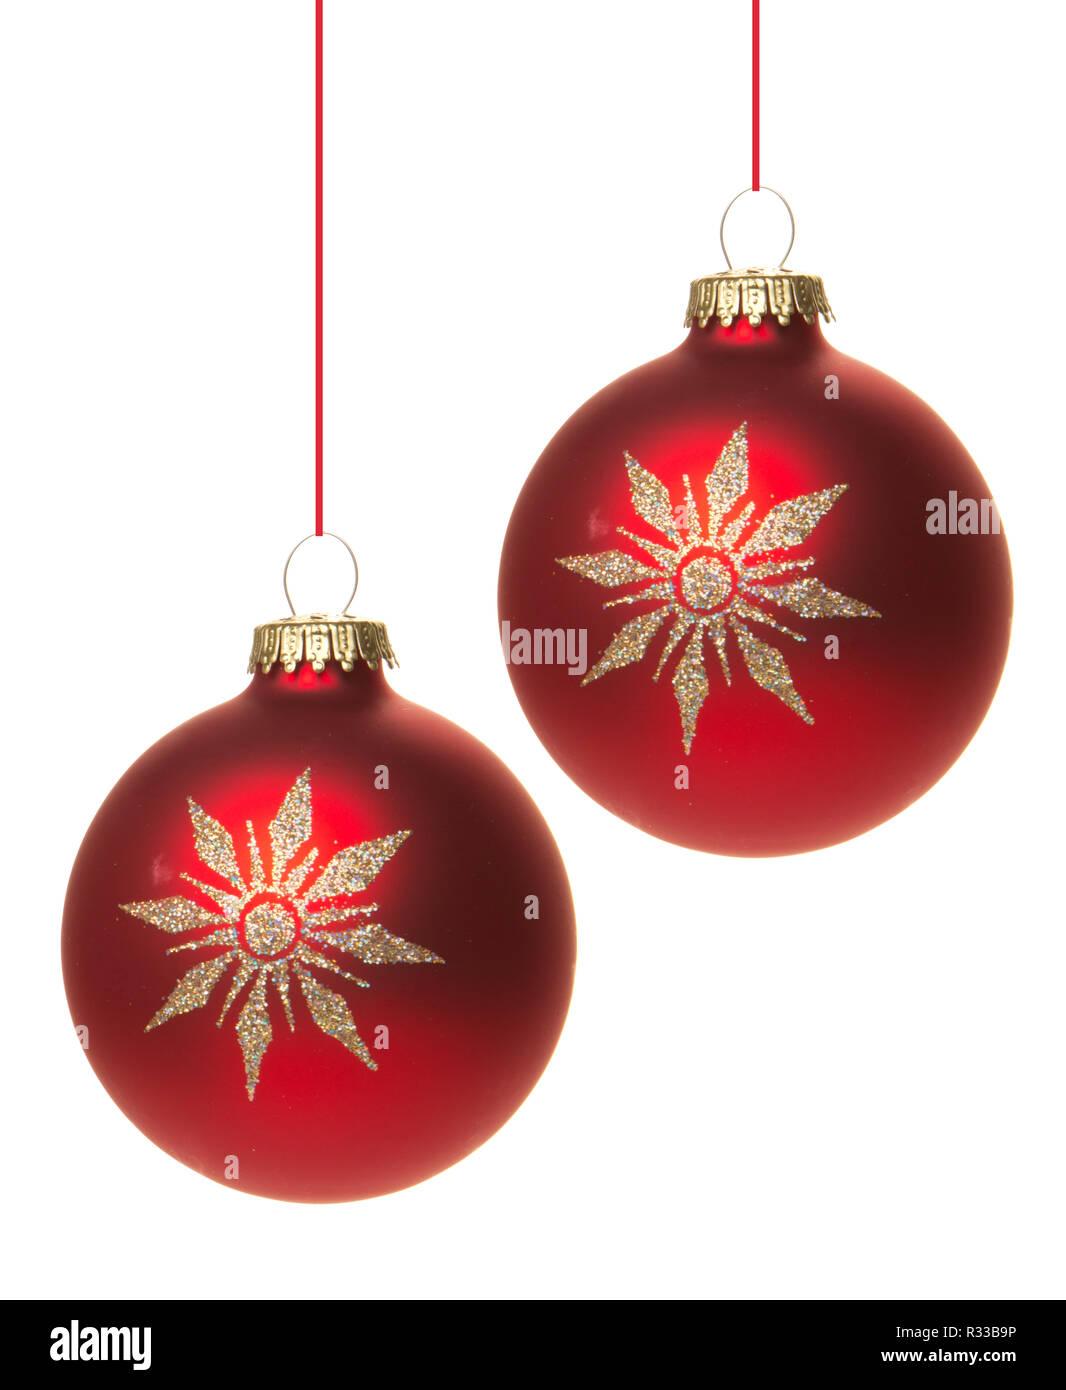 Rote Christbaumkugeln Glas.Rote Christbaumkugeln Mit Weissen Sterne Hangend Mit Weissem